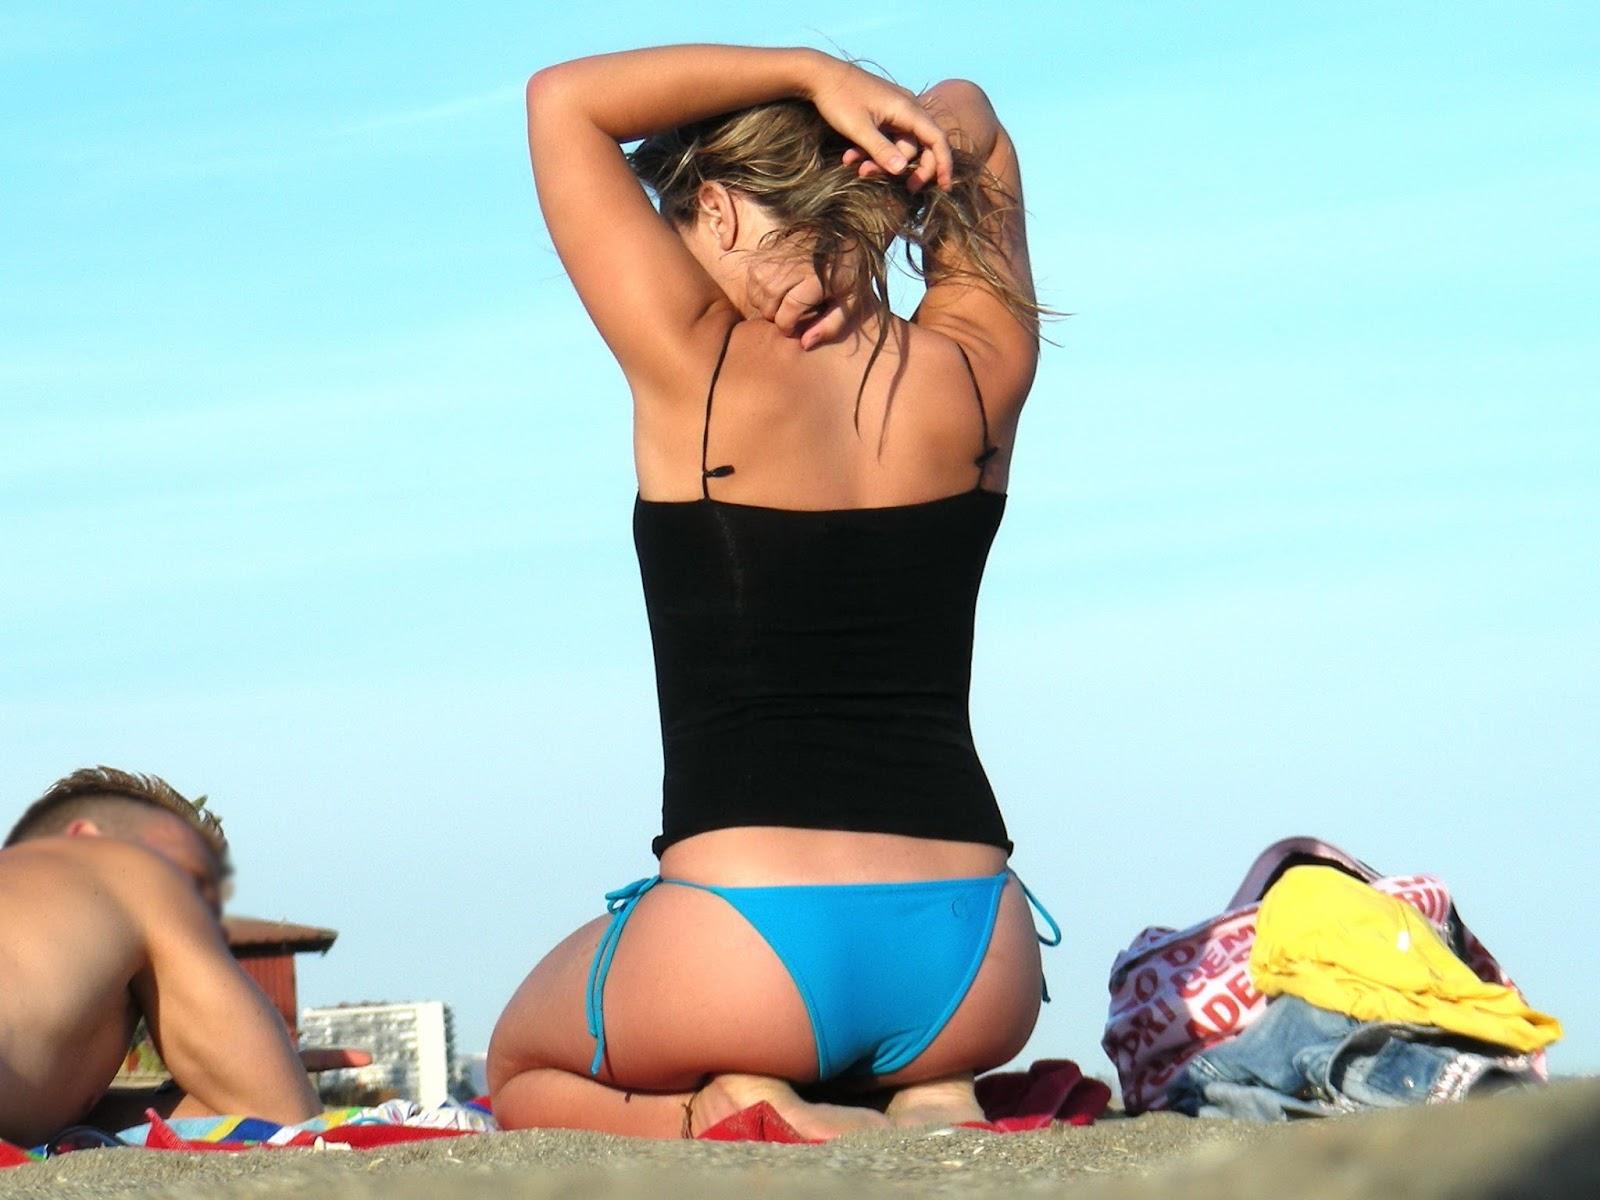 skinny sluts with big tits